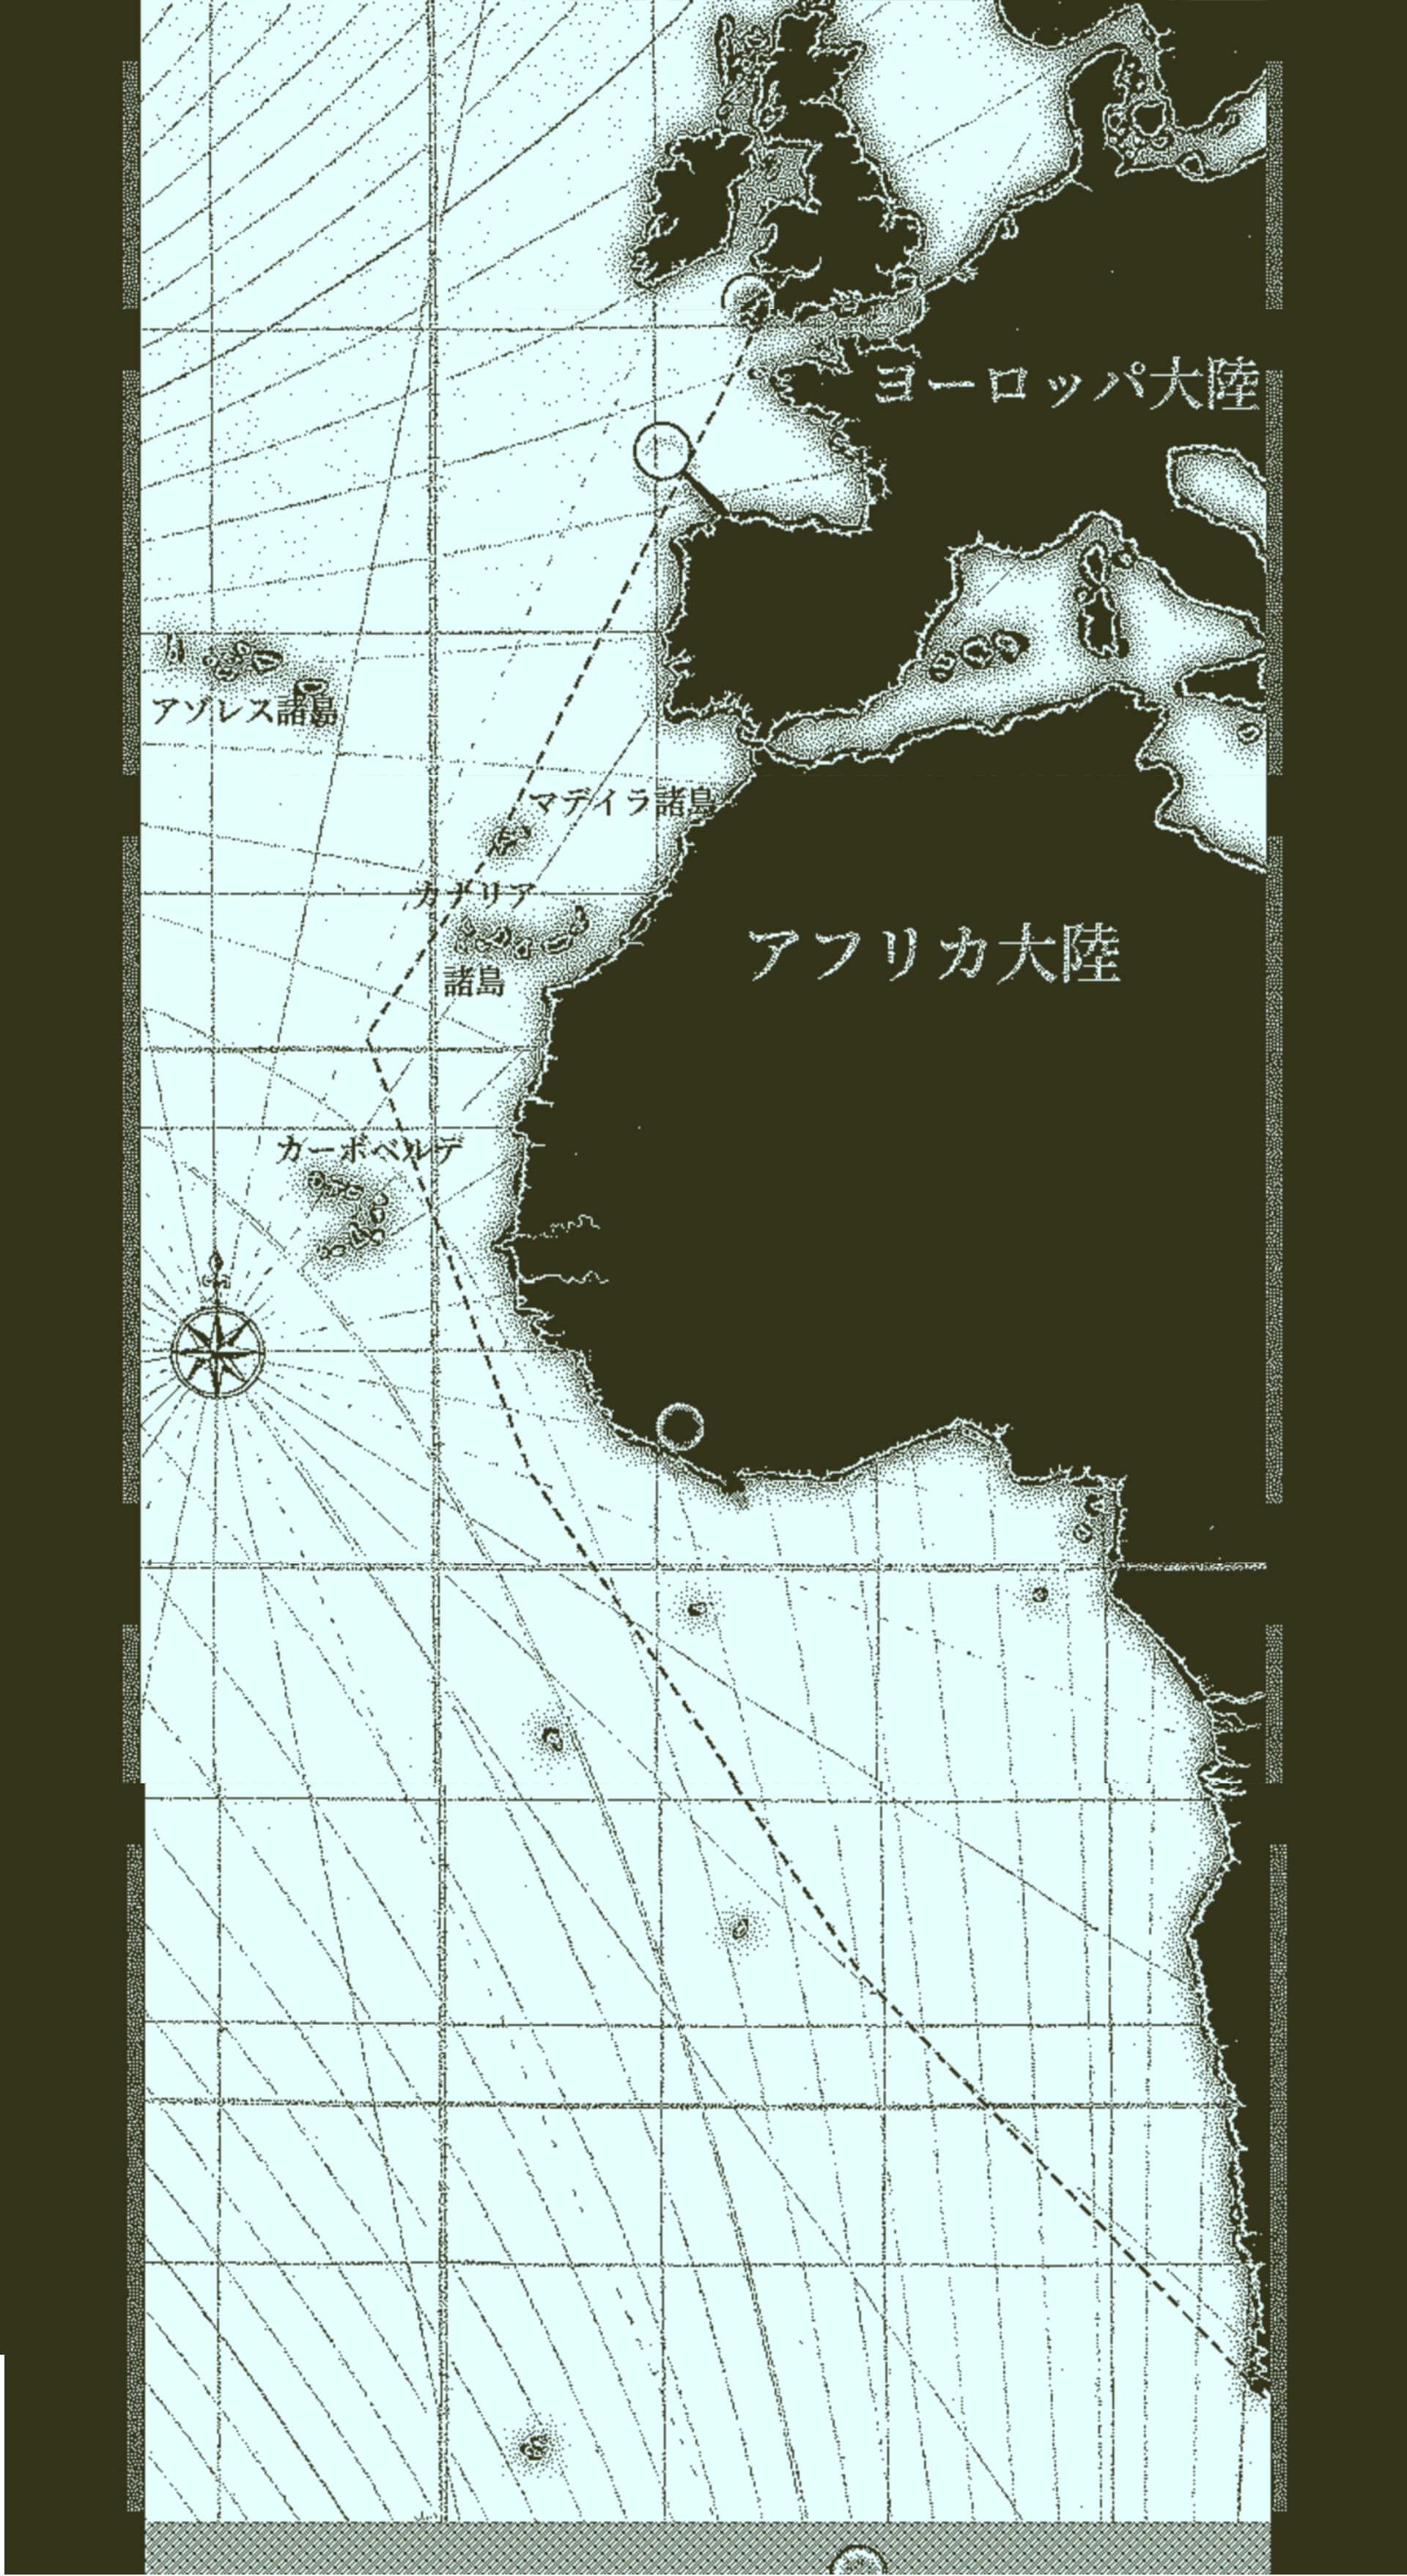 オブラ・ディン号海路